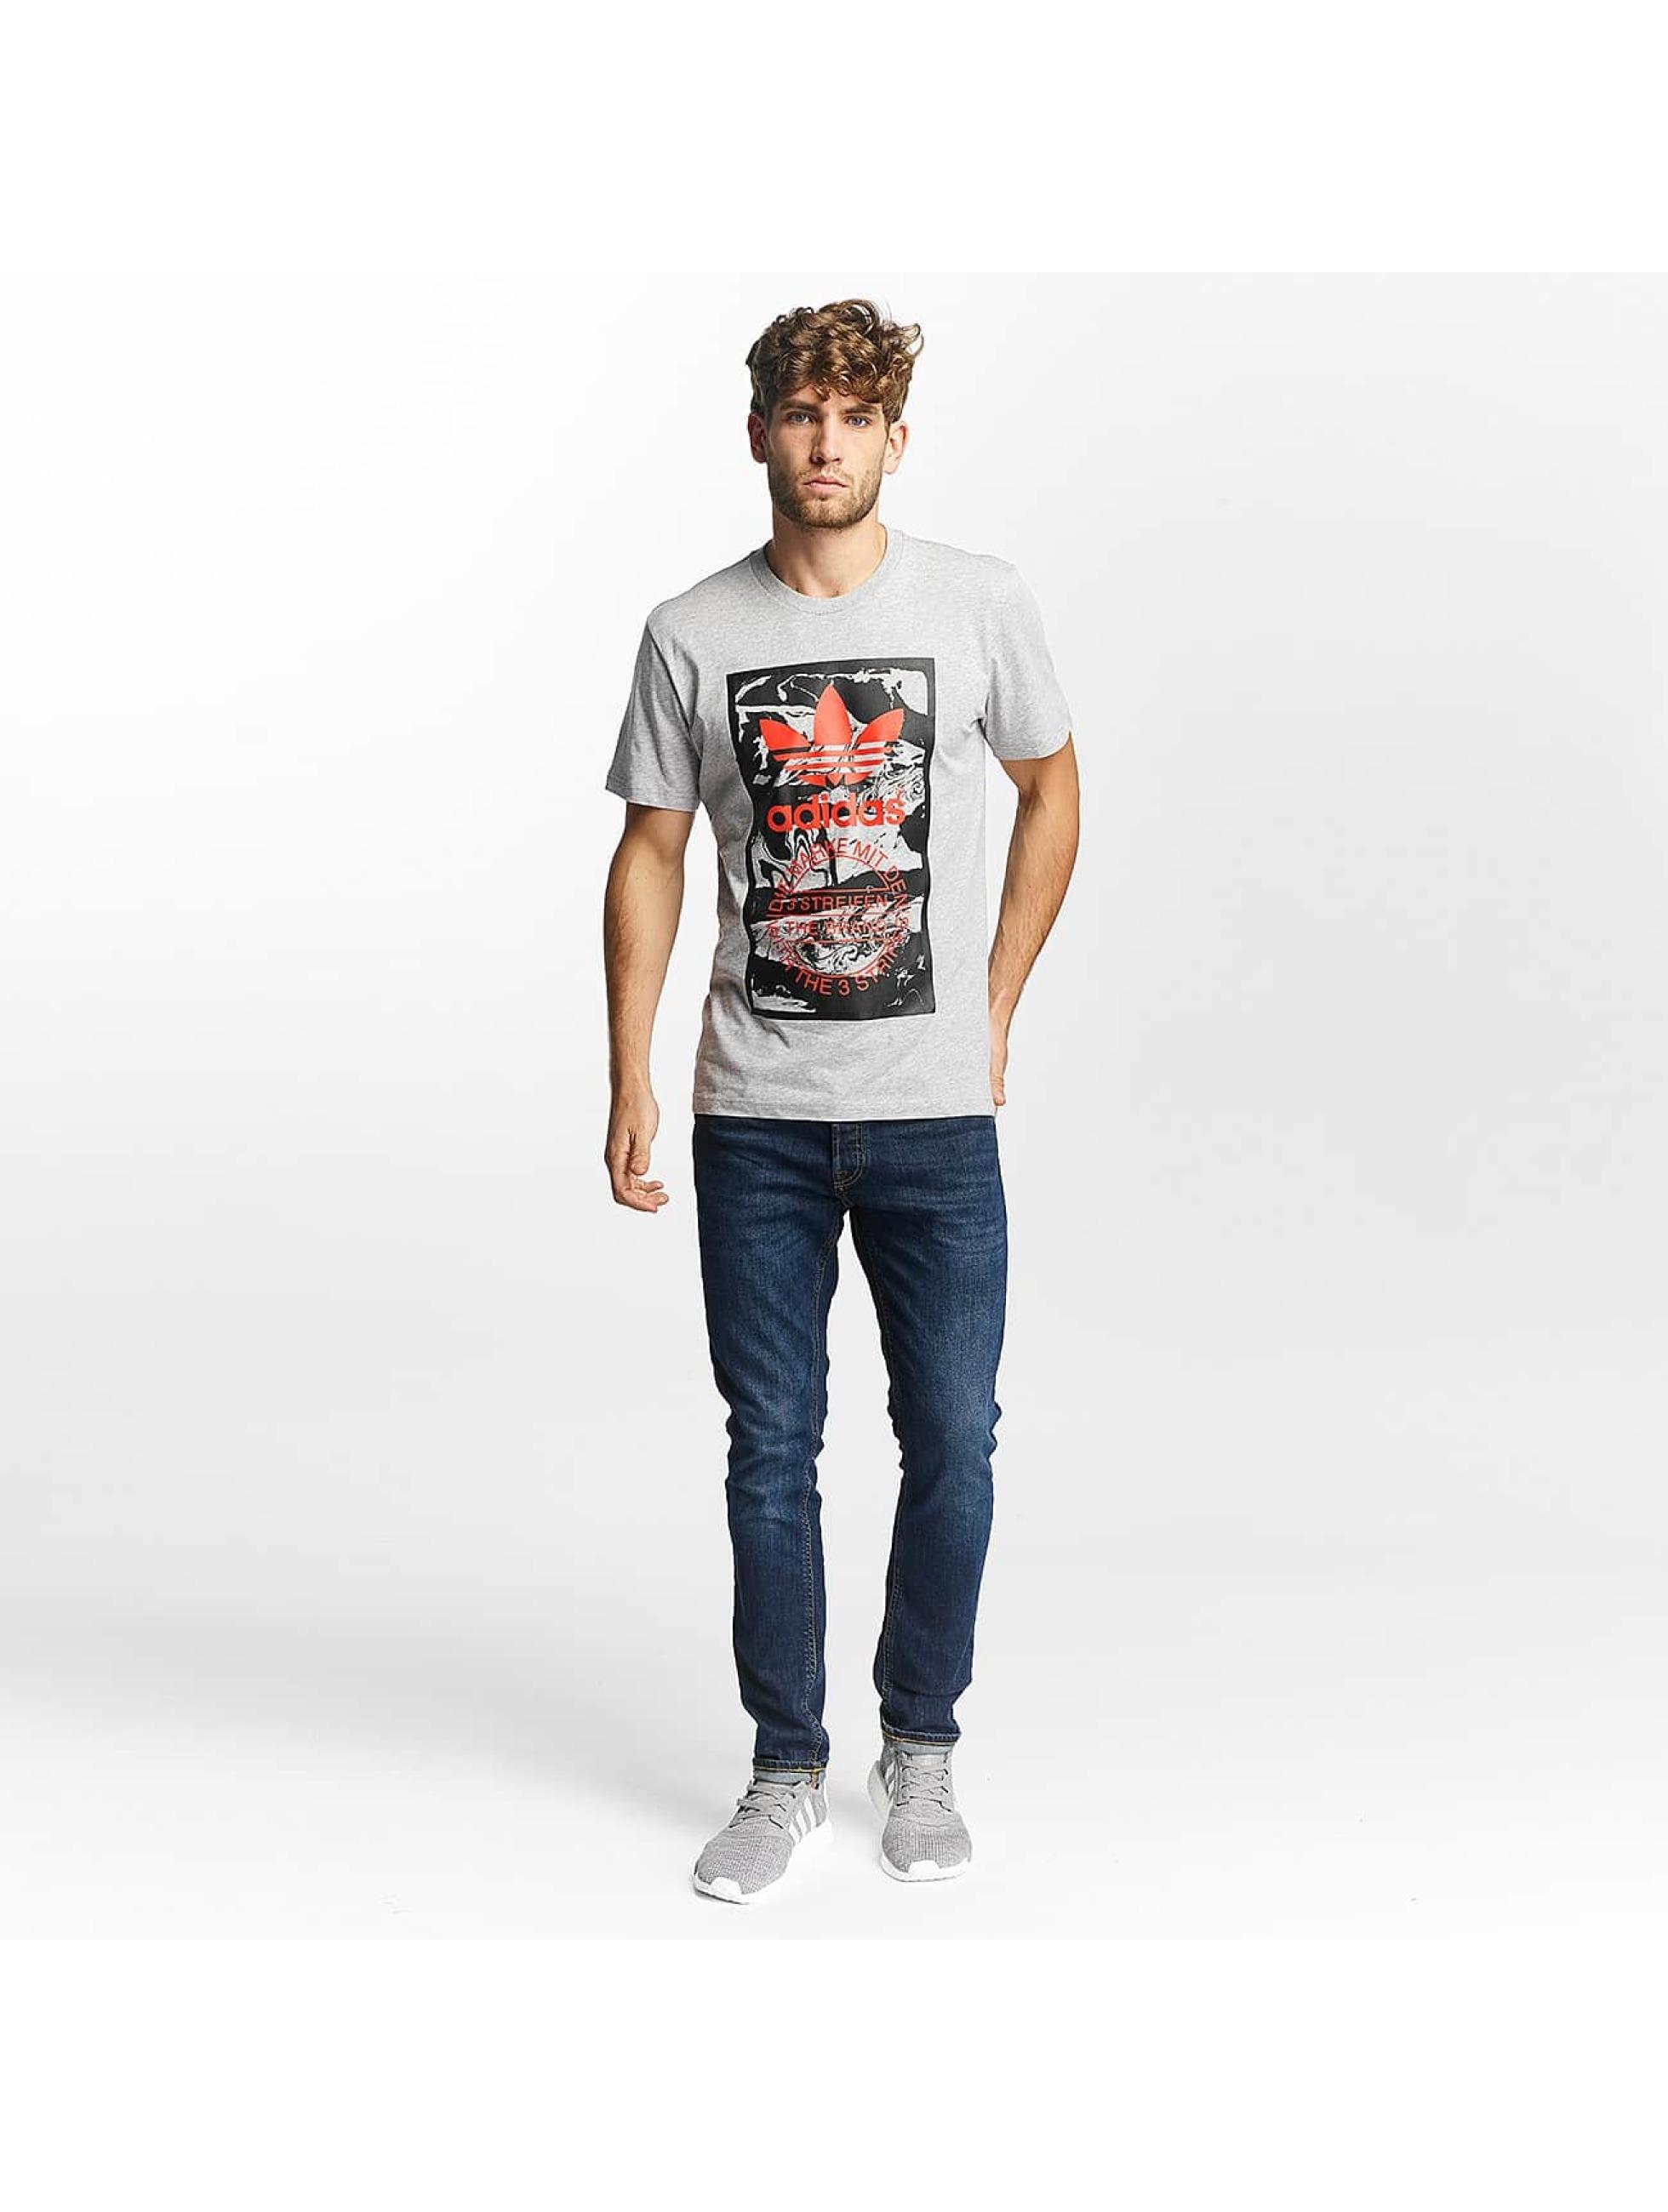 adidas T-Shirt Tongue Label 2 gray